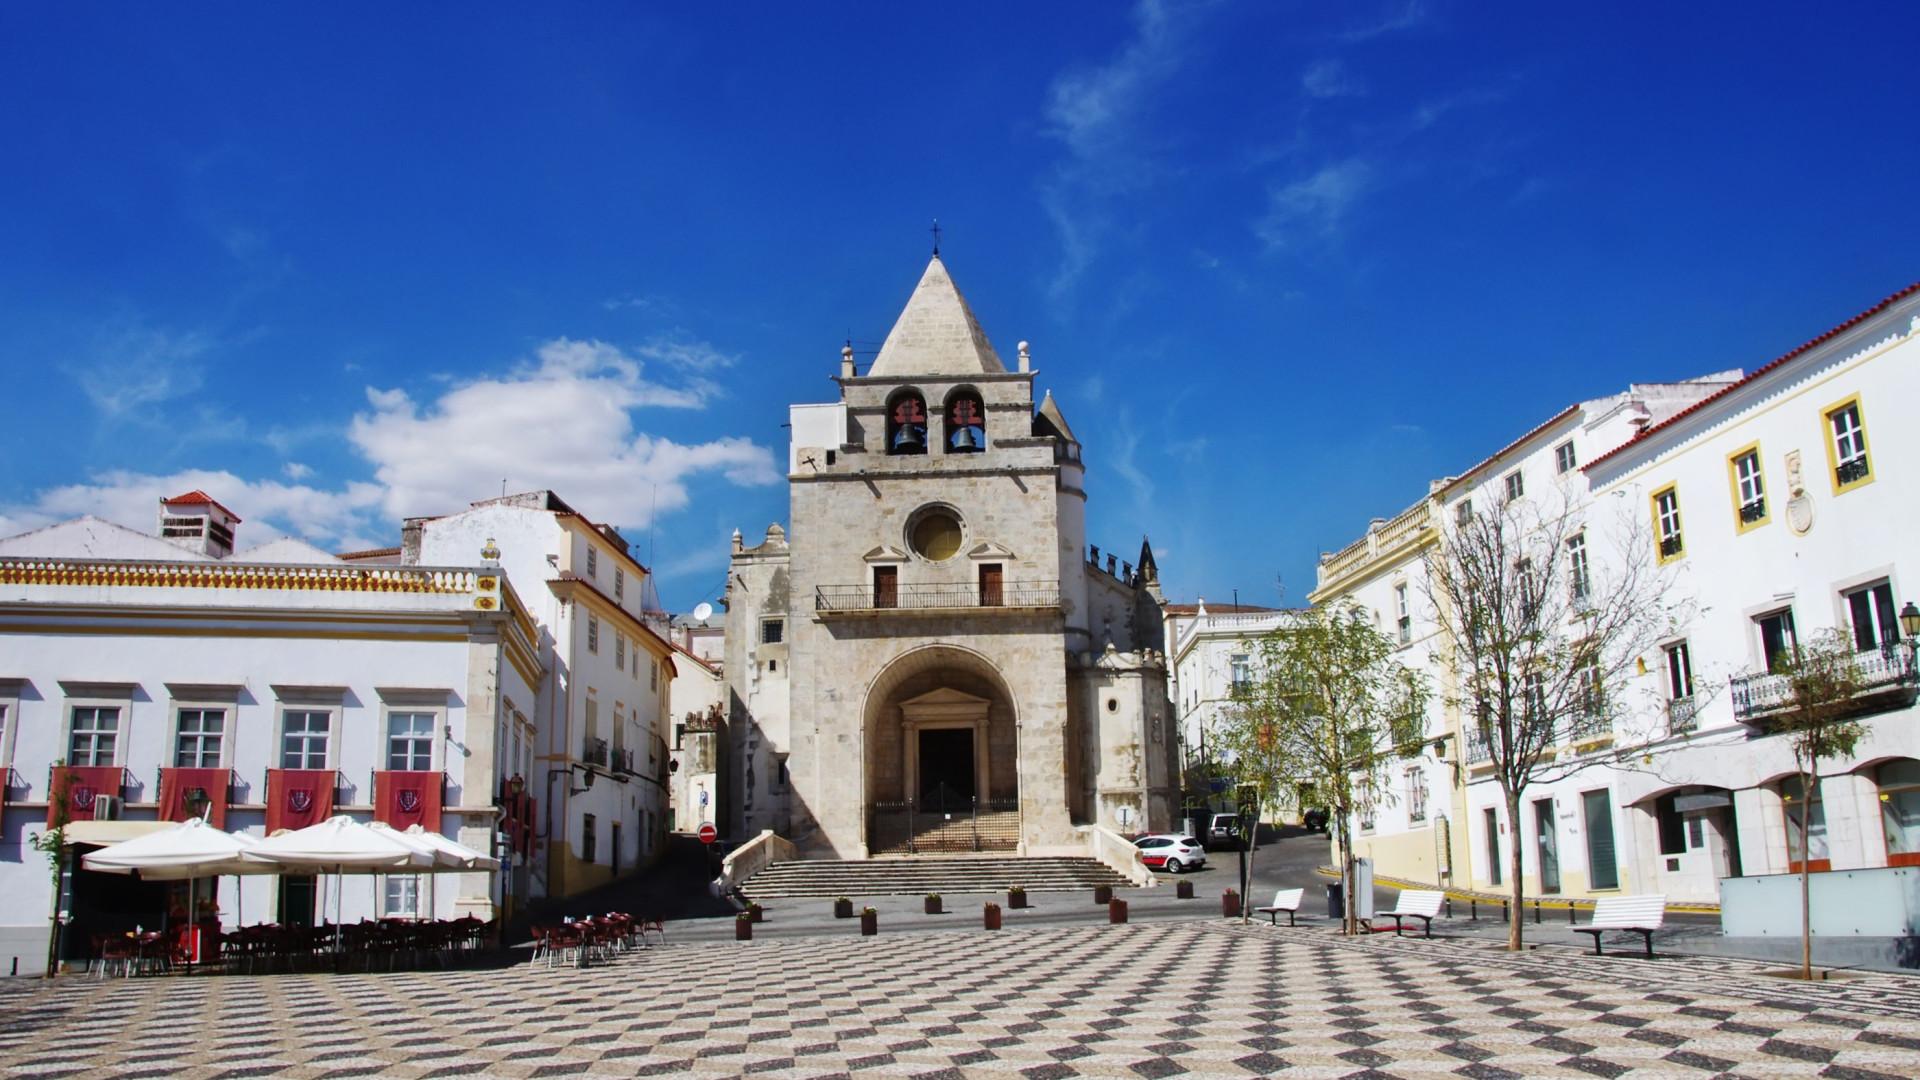 Clarines de Batalla estreia-se em Portugal com concerto em Elvas